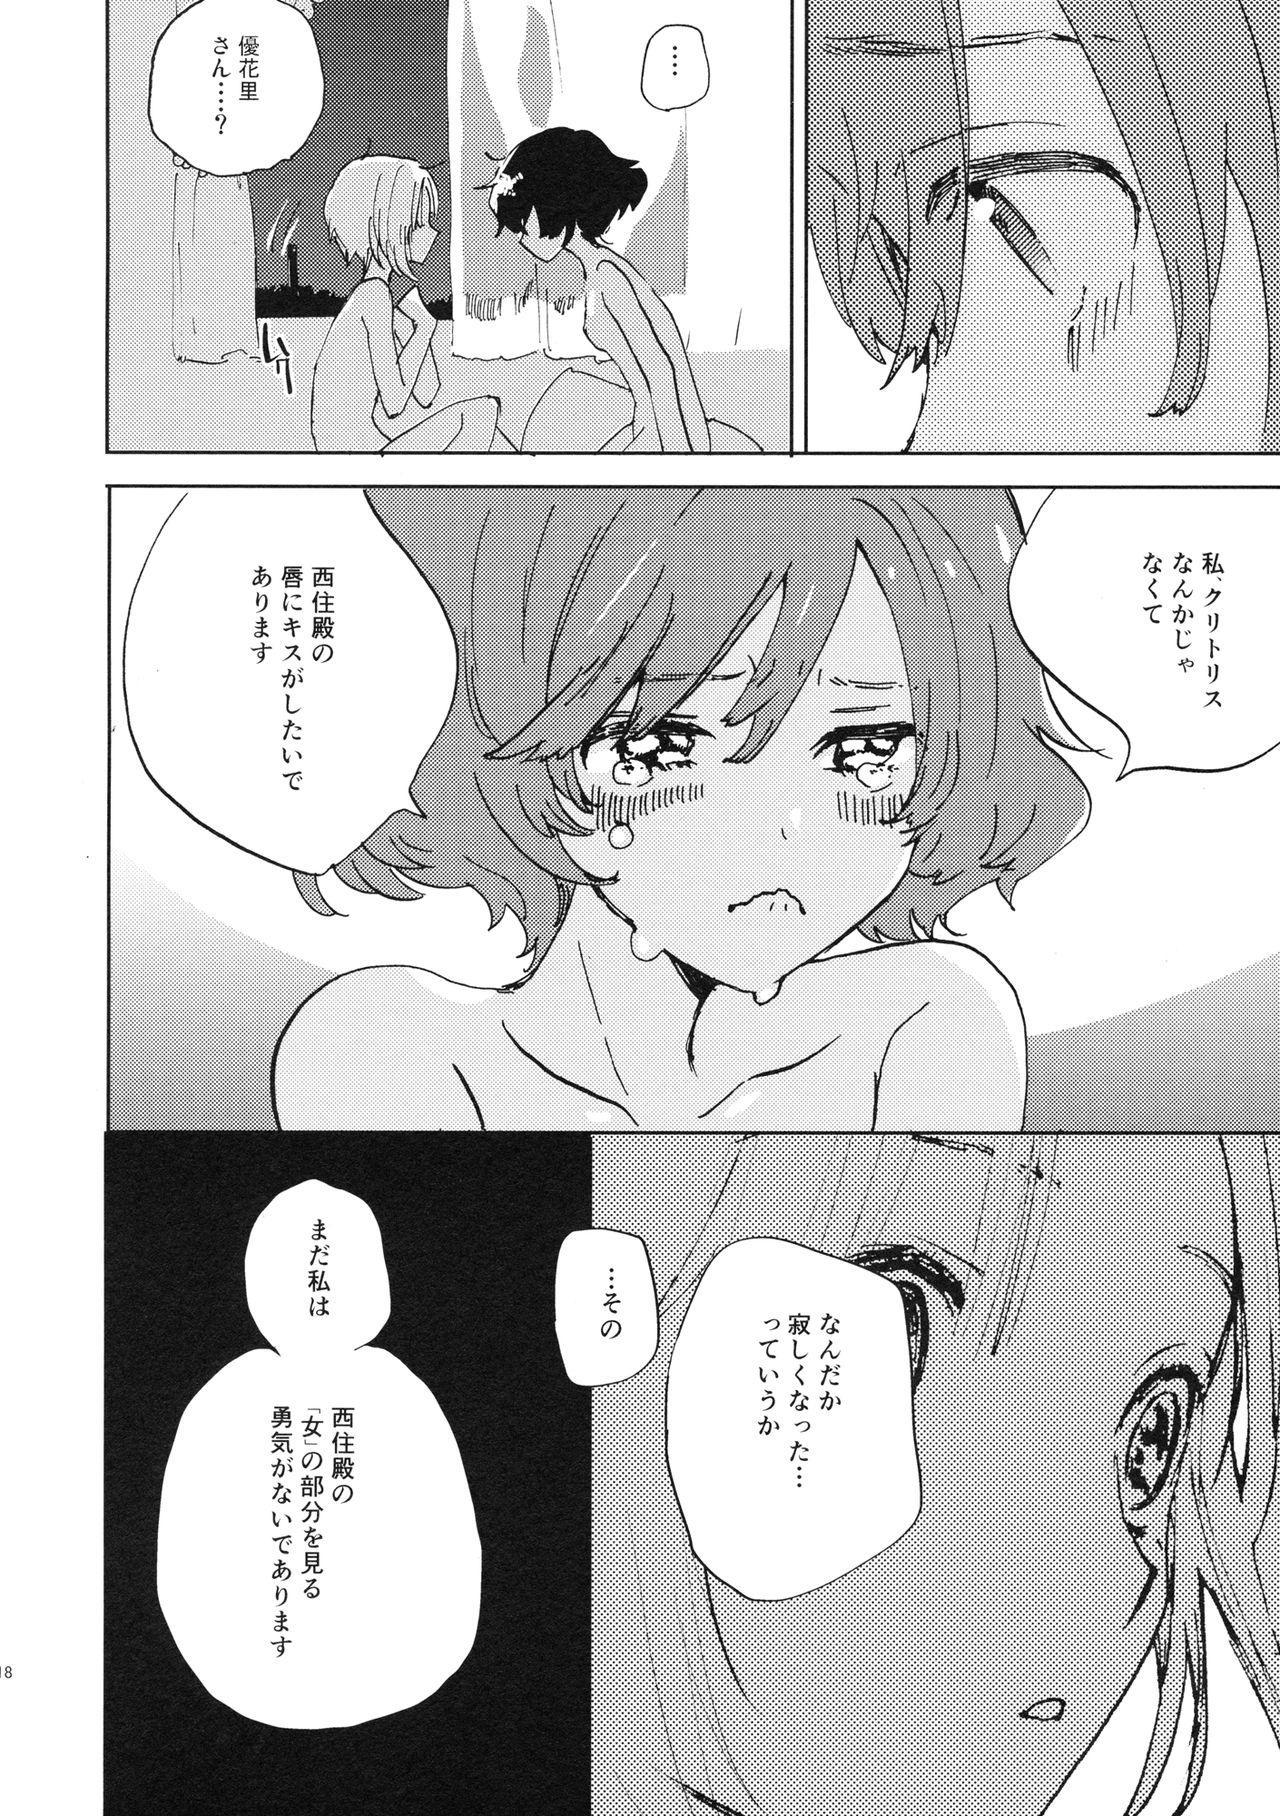 Natsu wa Aka-chan Play to Chimou to, Hanabi o Mite Kiss o Suru no da. 16